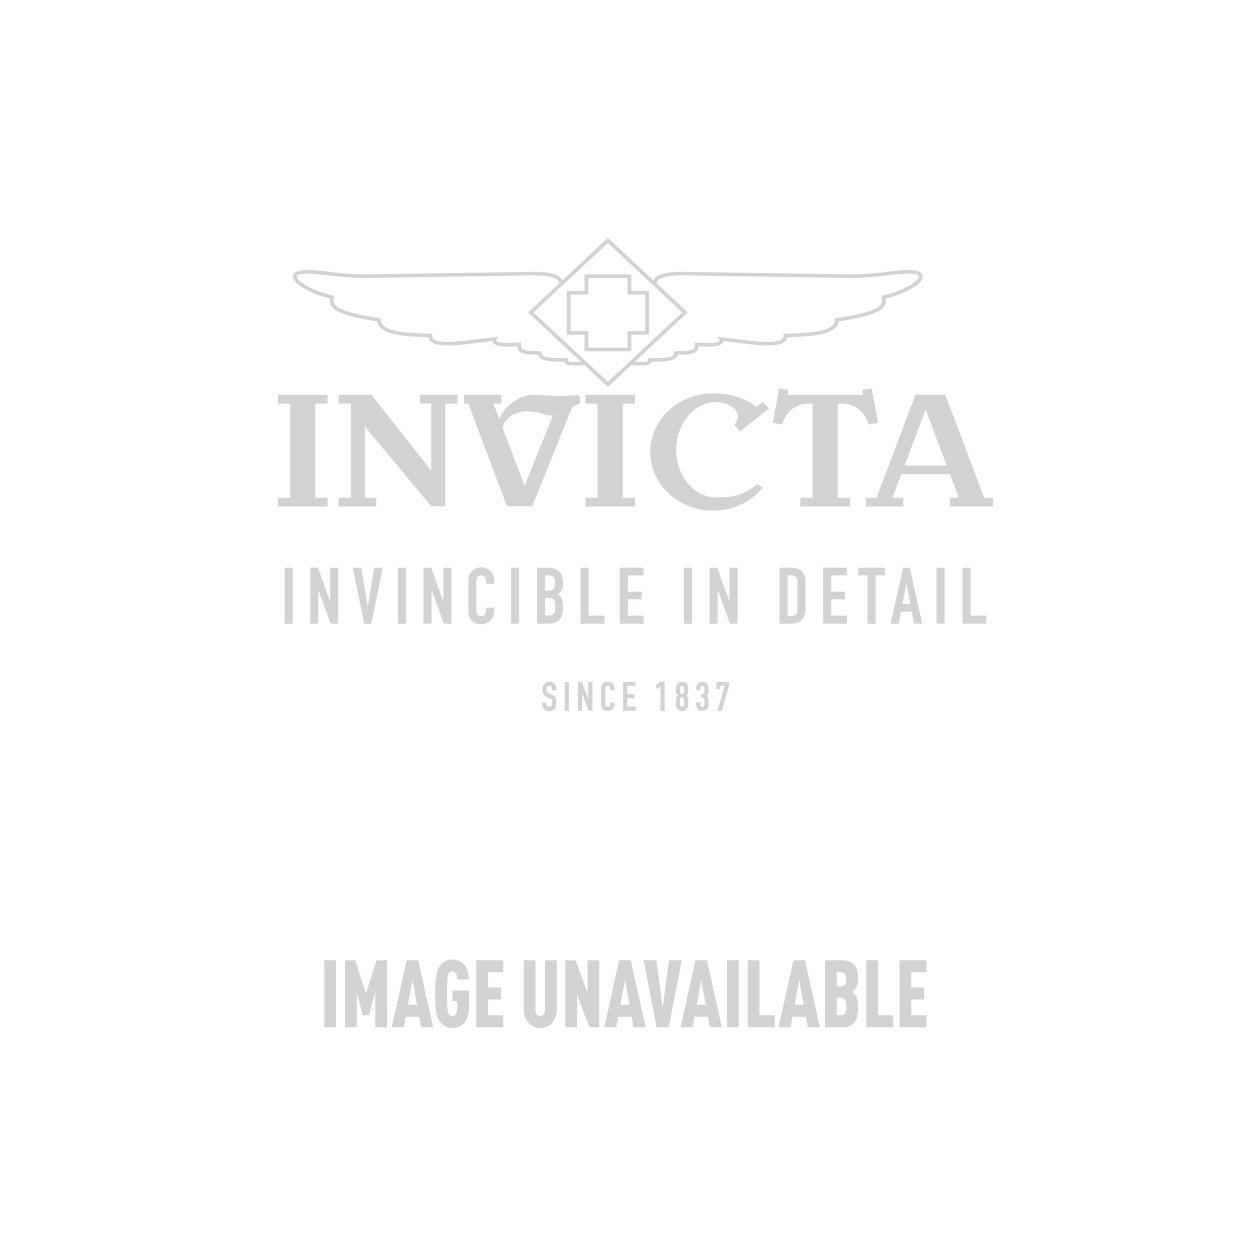 Invicta Model 24956